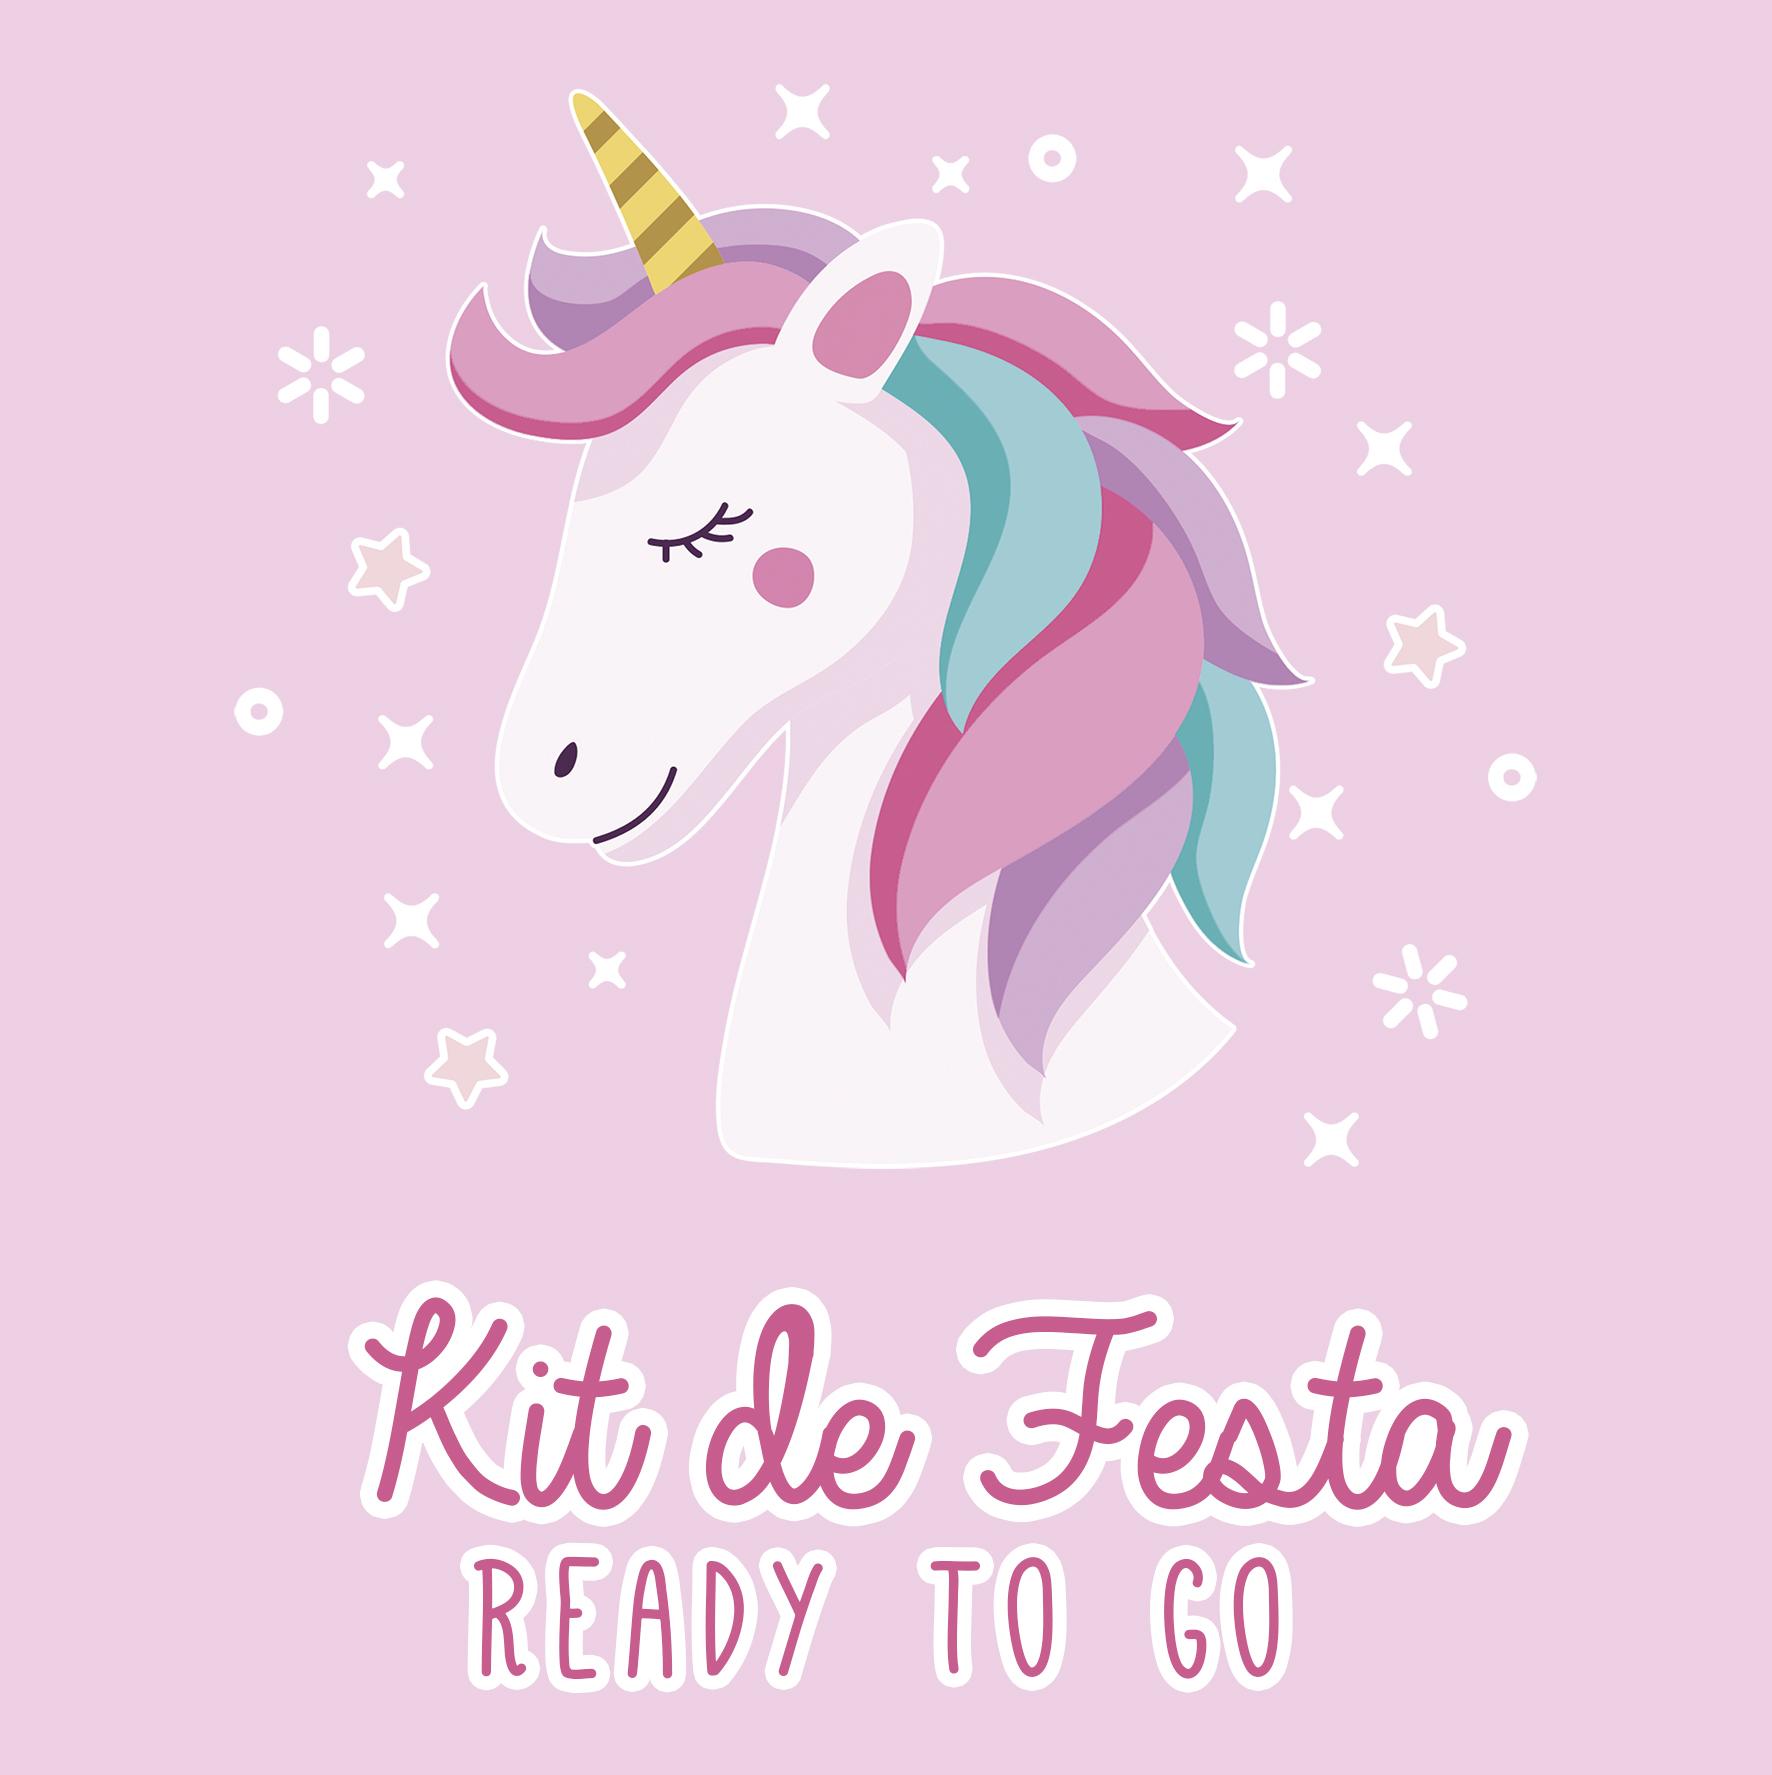 Kit de Festa READY TO GO - UNICÓRNIO